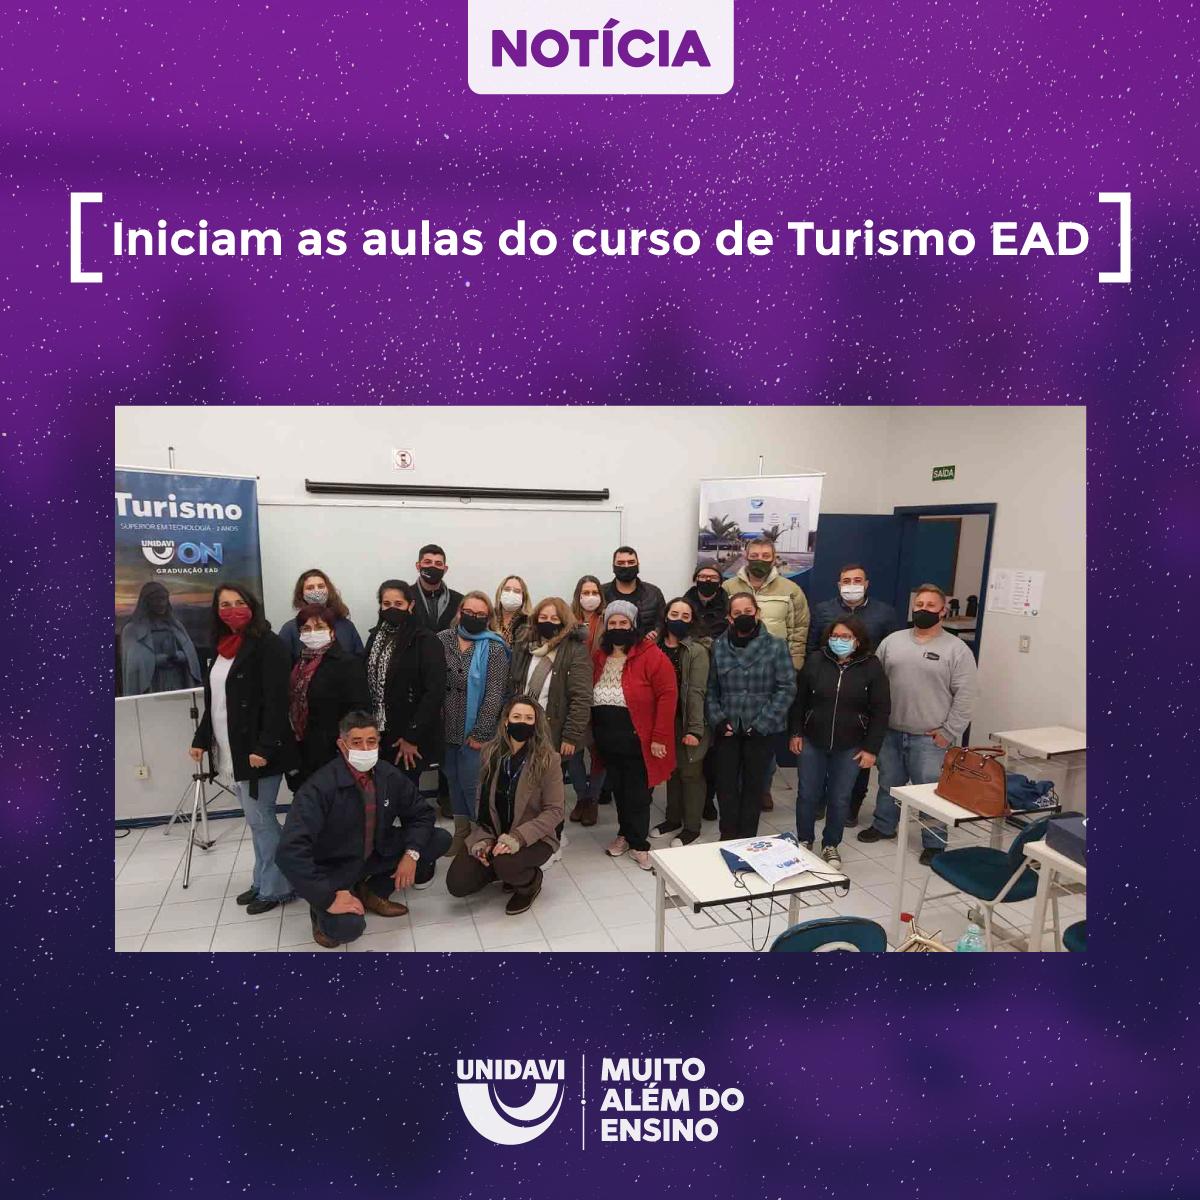 Iniciam as aulas do curso de Turismo EAD